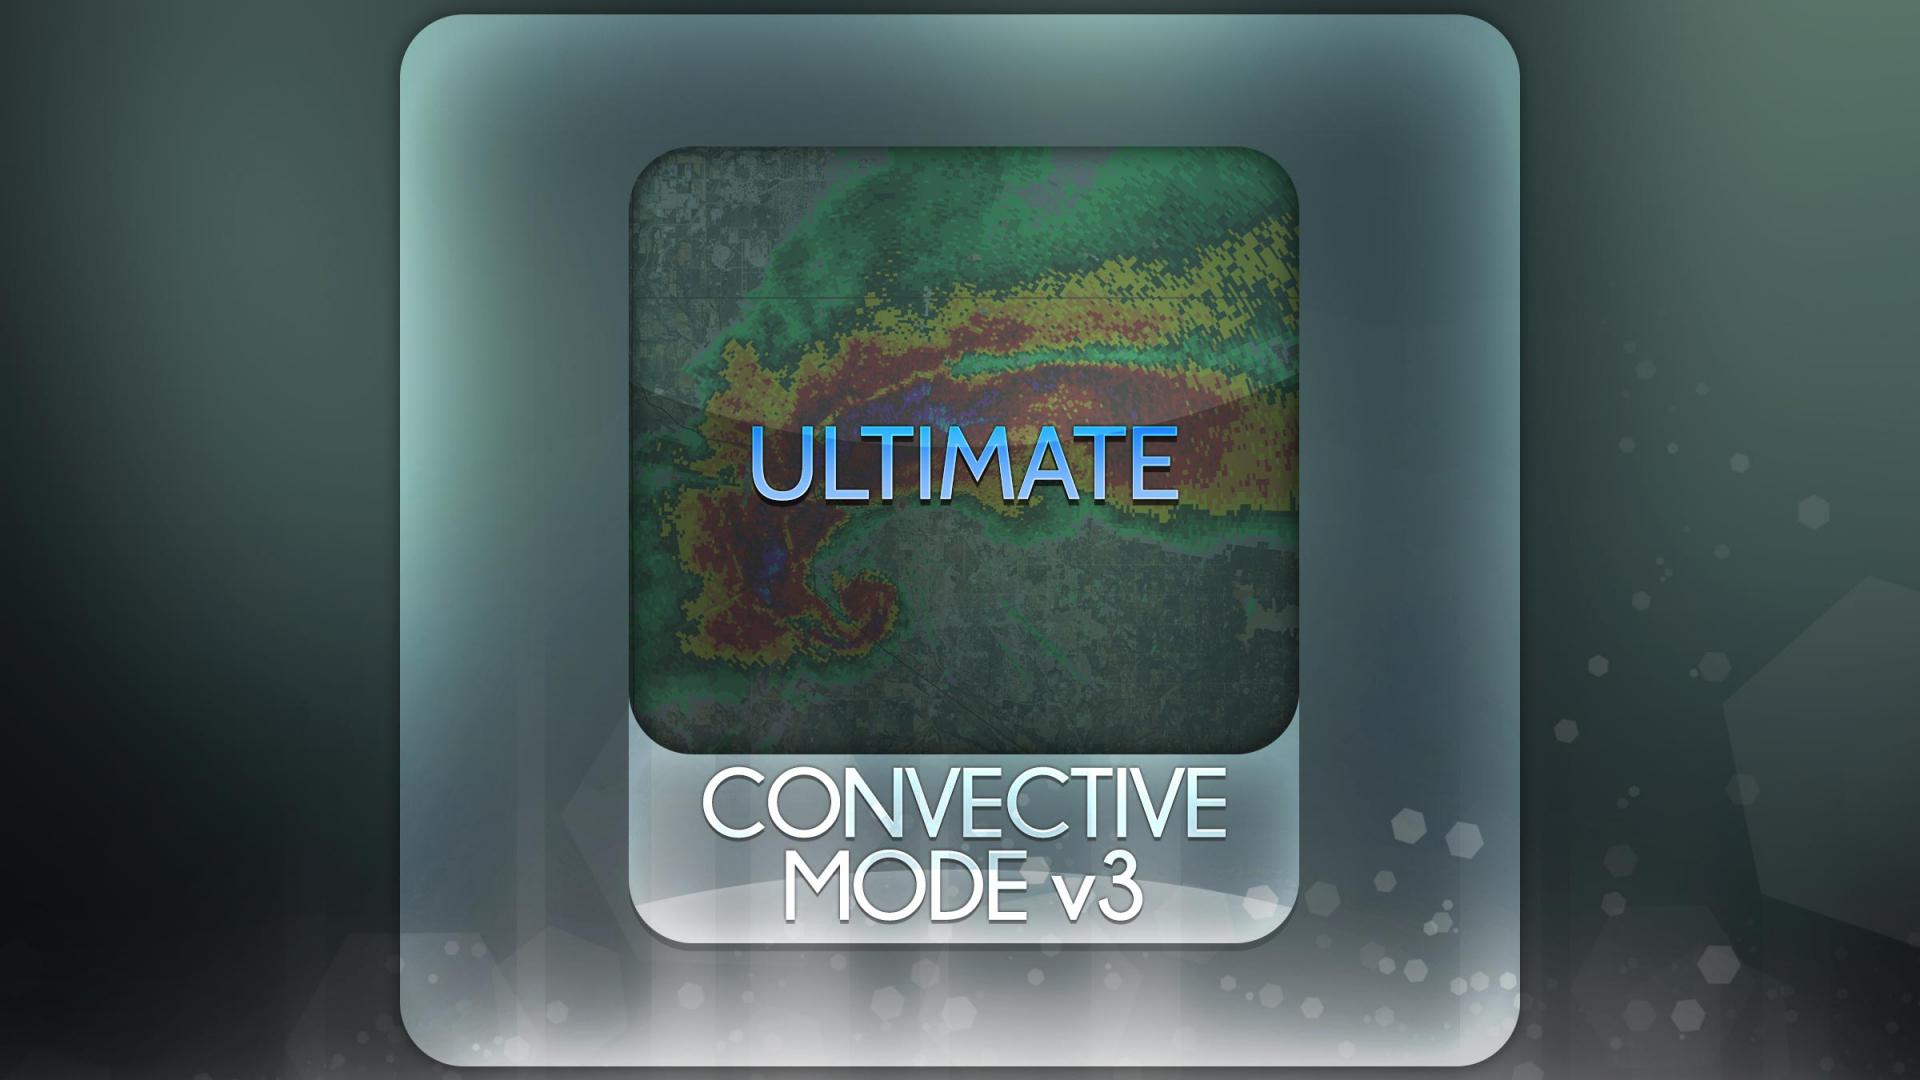 Convective Mode III